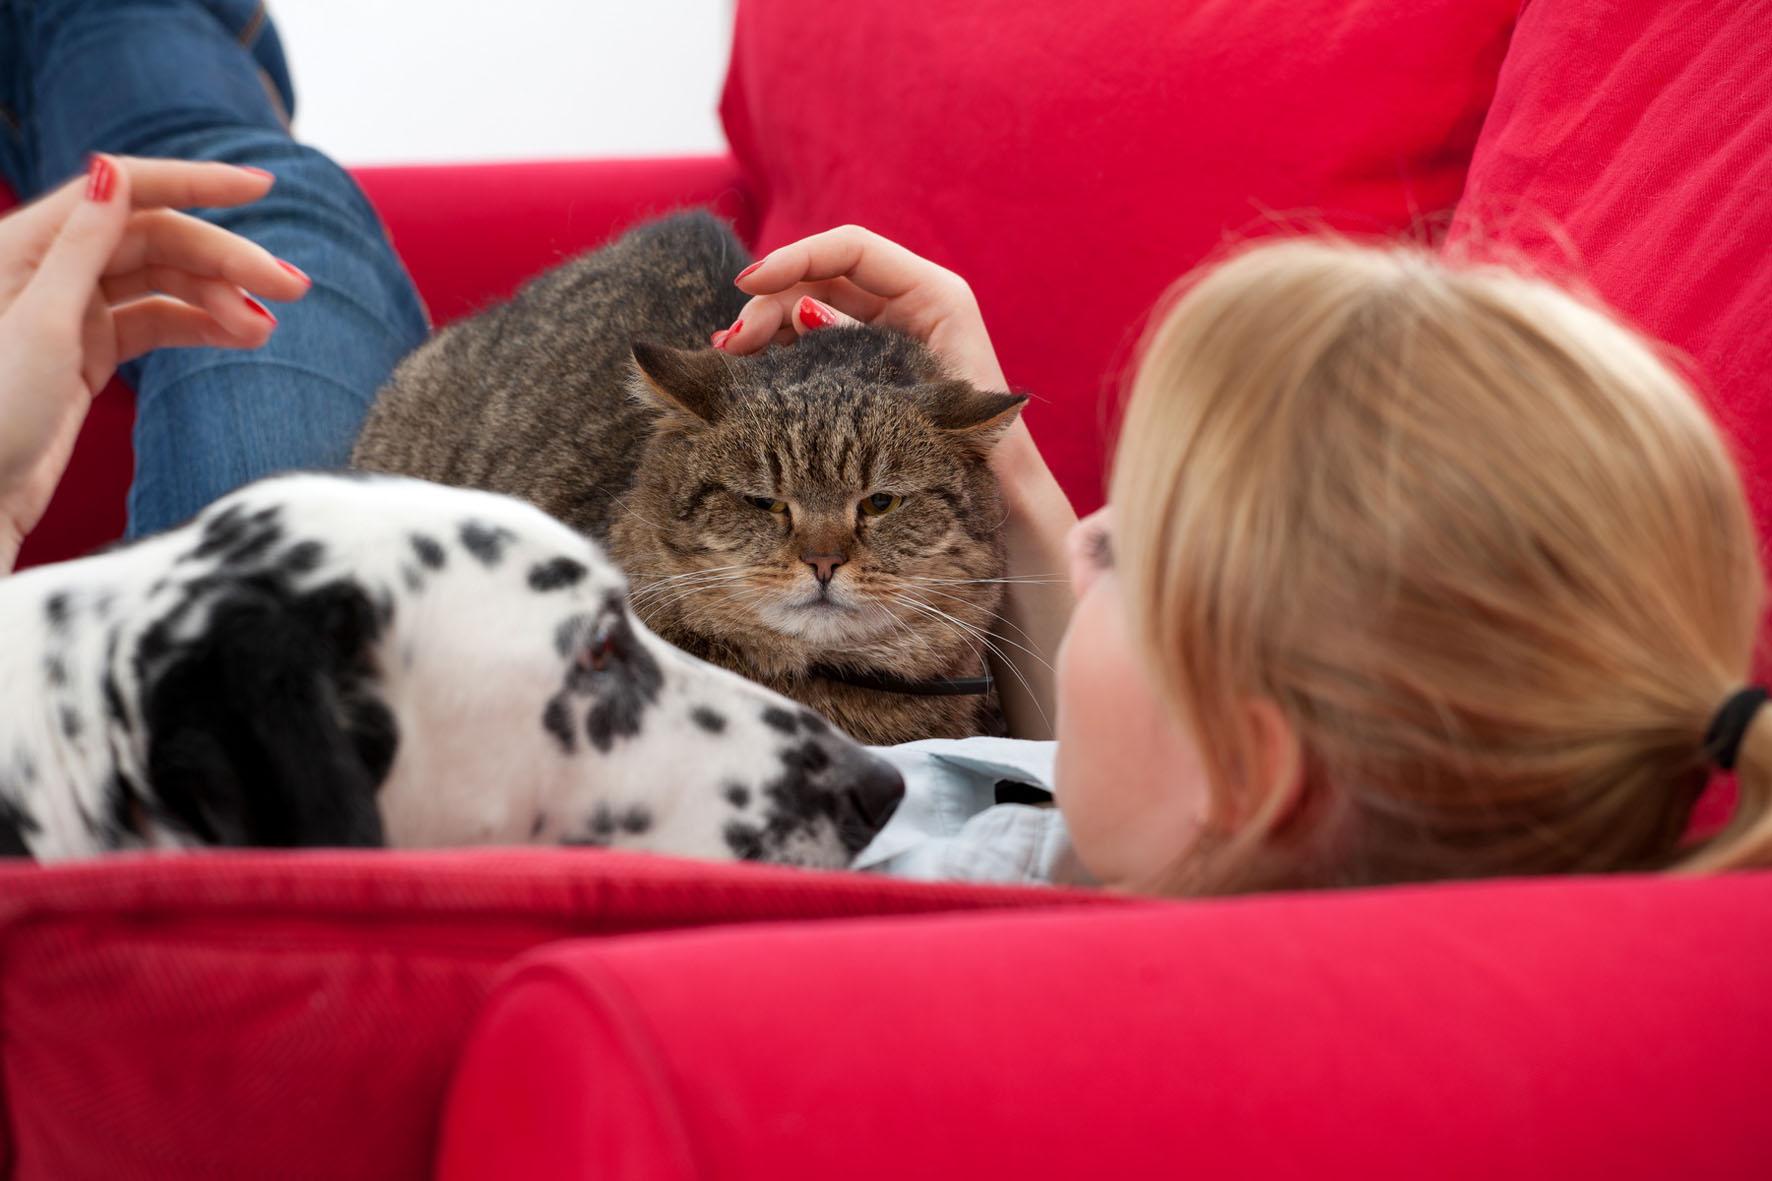 Tierhalter ihre Lieblinge und Tiergerüche